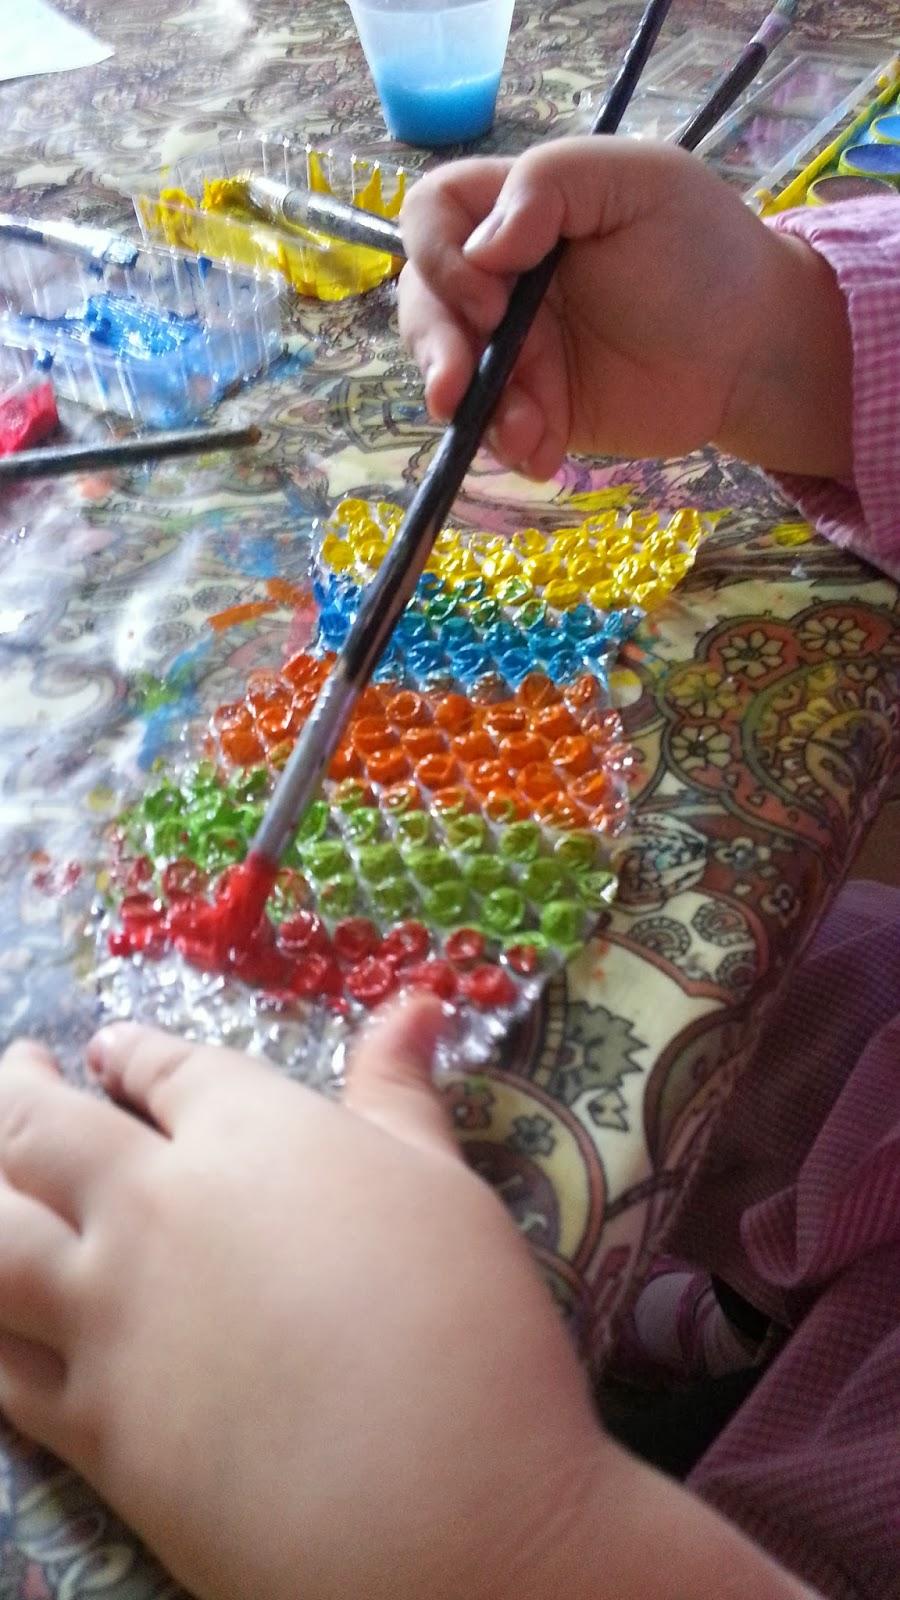 Coco tra coccole e colori a tutto bolle for Disegni pesciolino arcobaleno